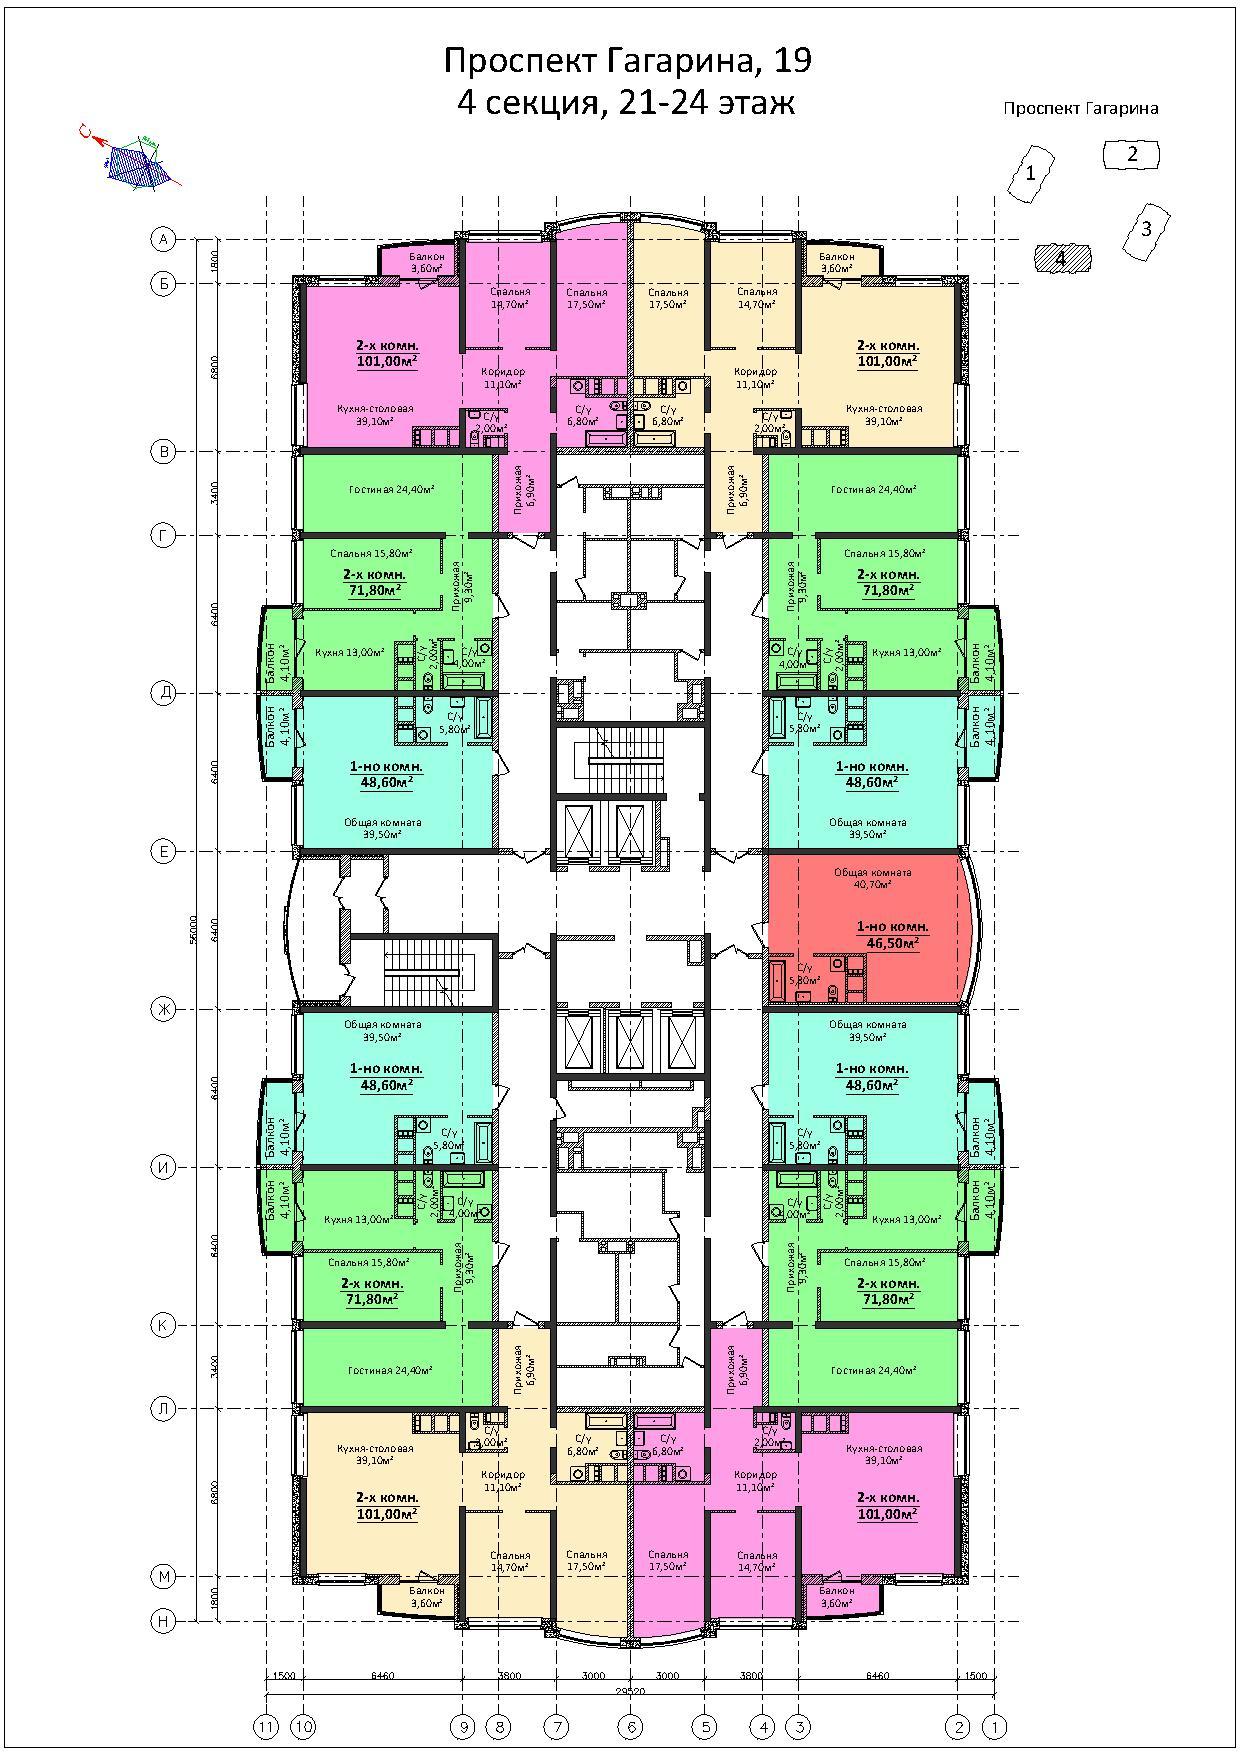 ЖК 4 сезона / Секция 4 / План 21-24 этажей